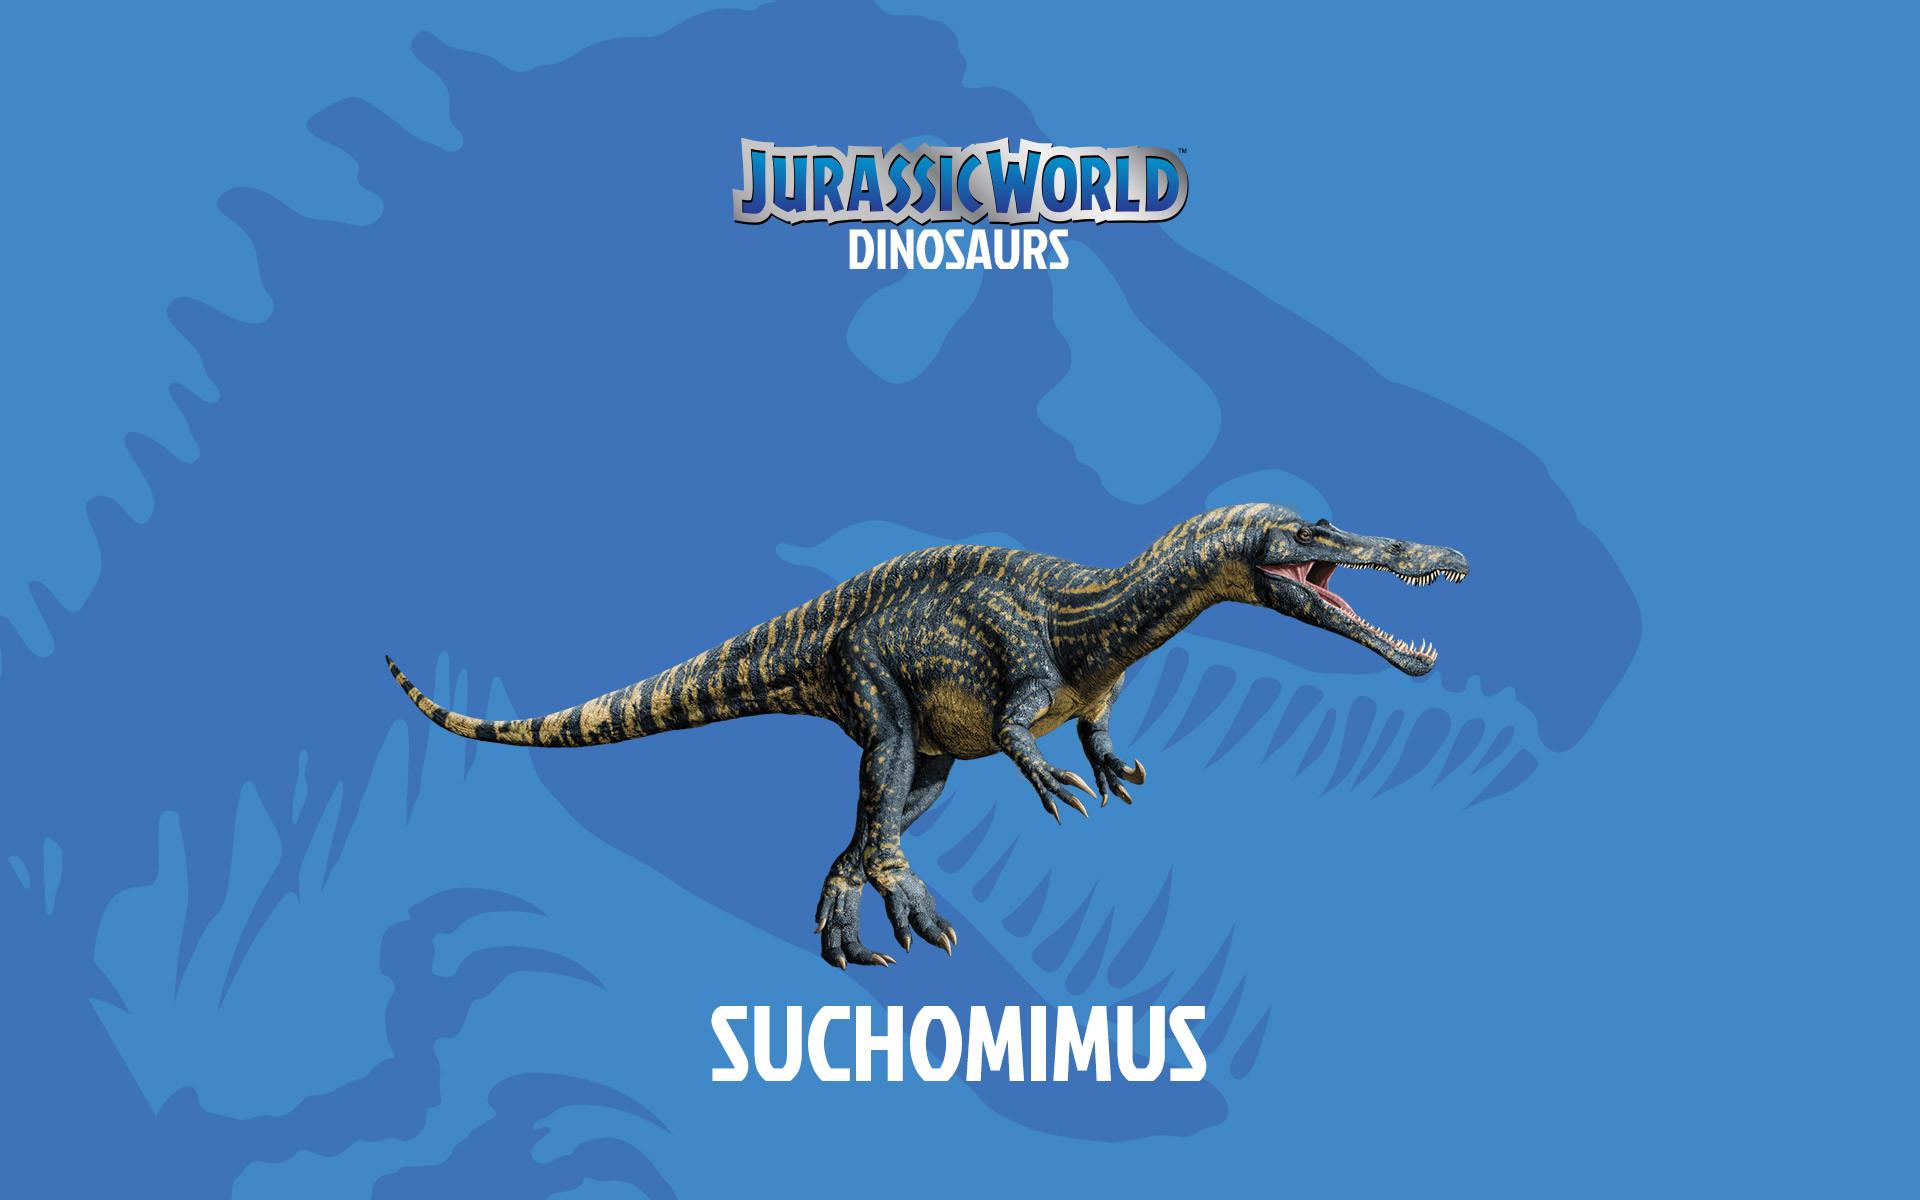 Res: 1920x1200, suchomimus-Dinosaur-Jurassic-World-Wallpaper-HD